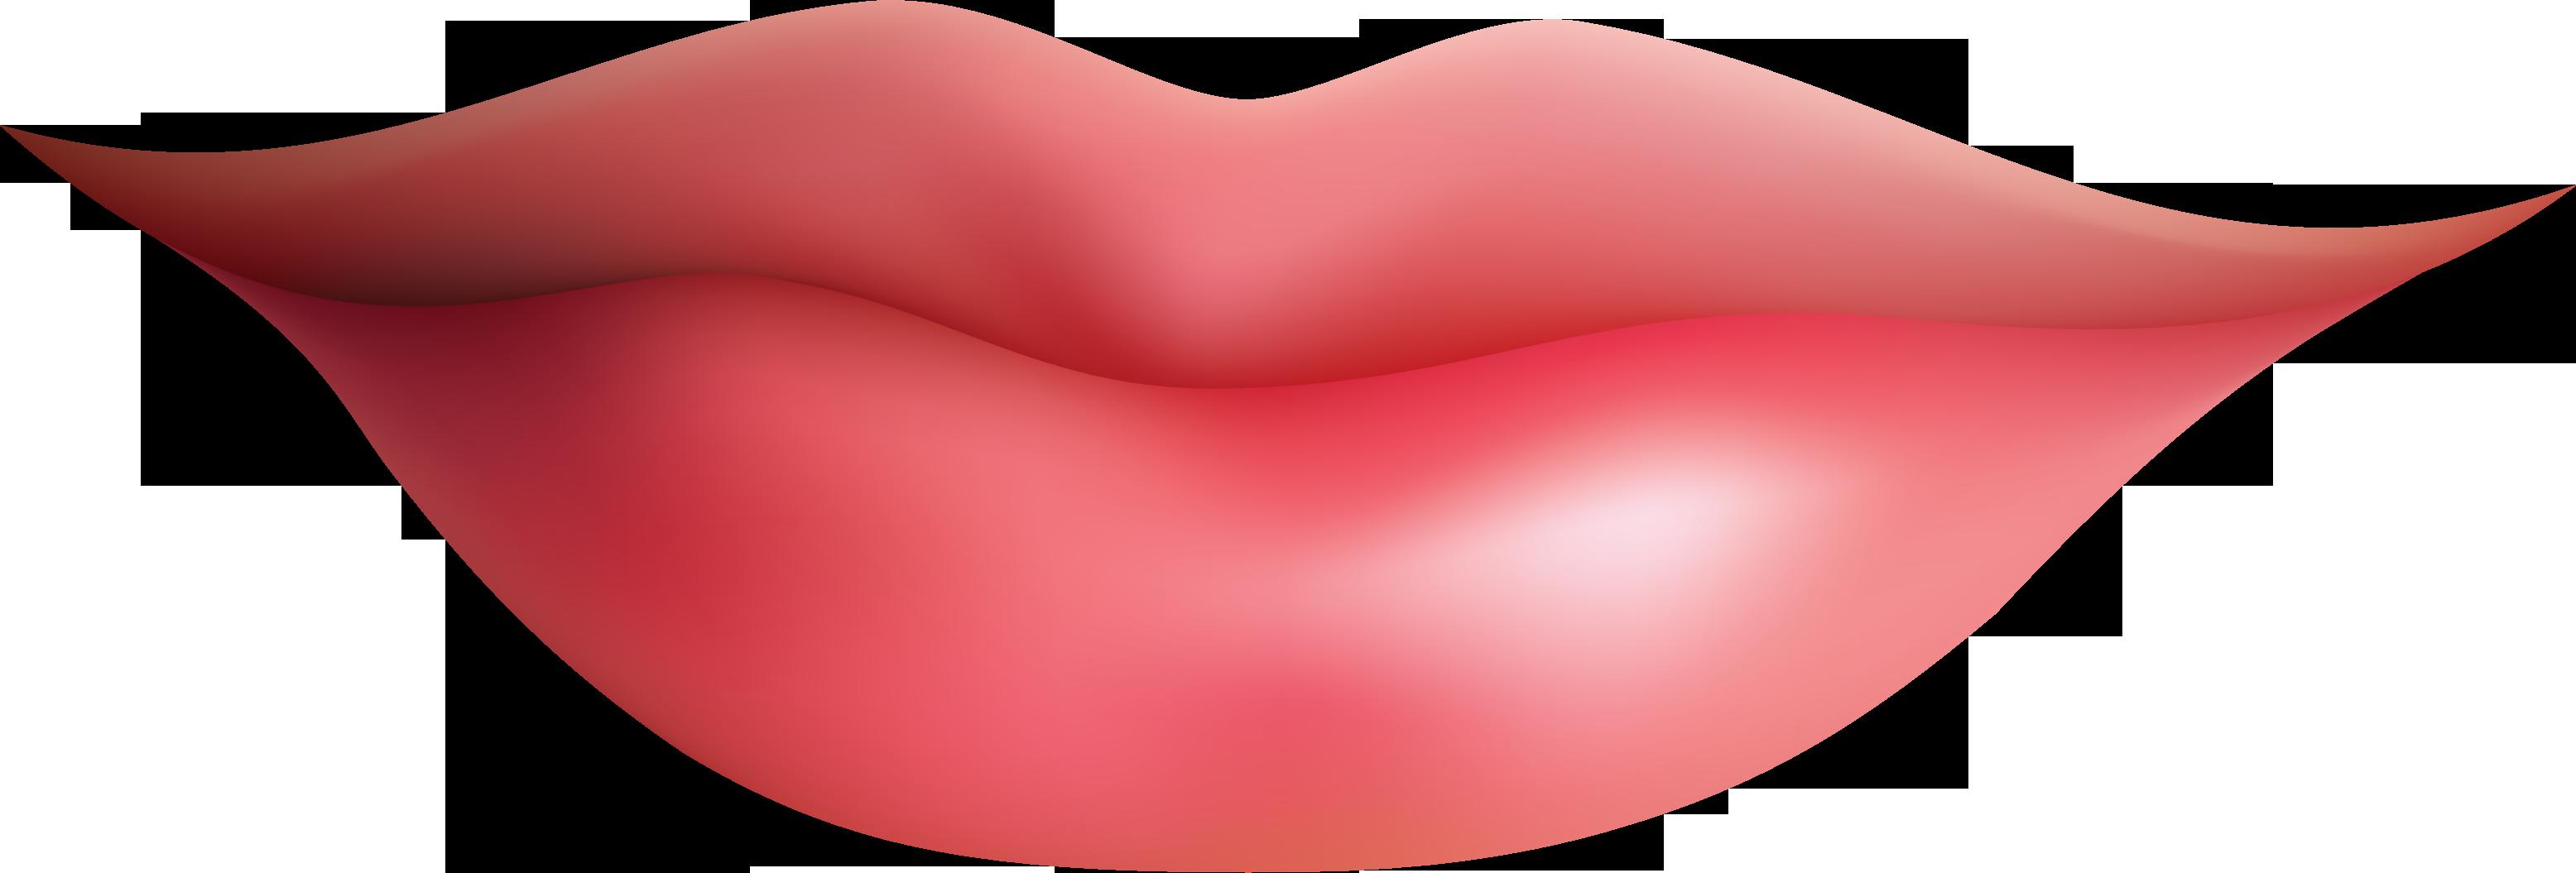 Lips HD PNG - 94061